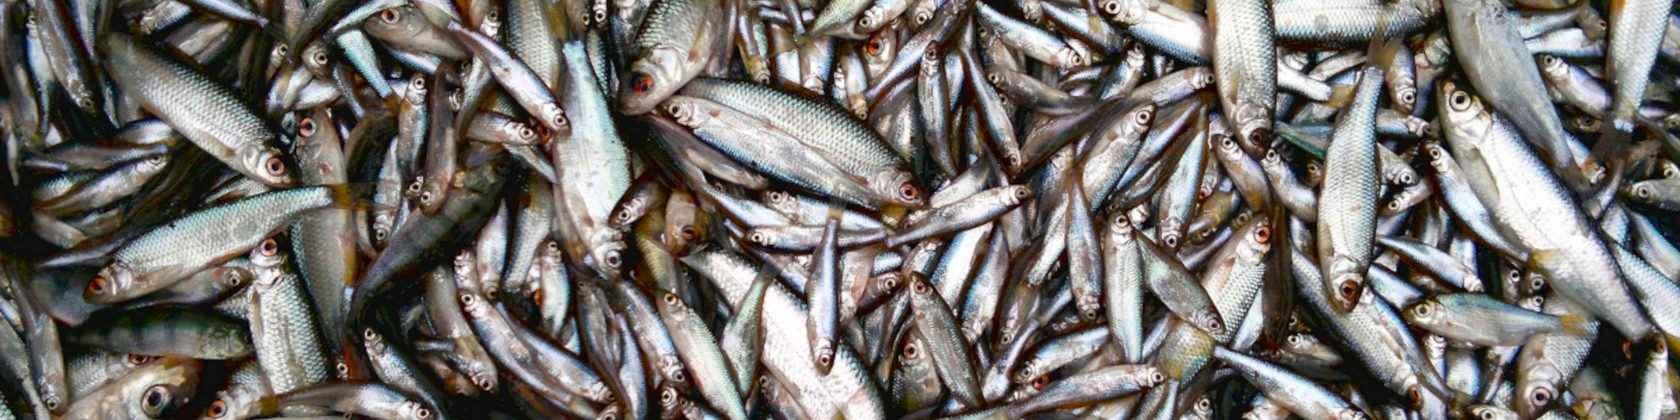 Pieniä kaloja: särkikaloja, ahvenia ja salakoita